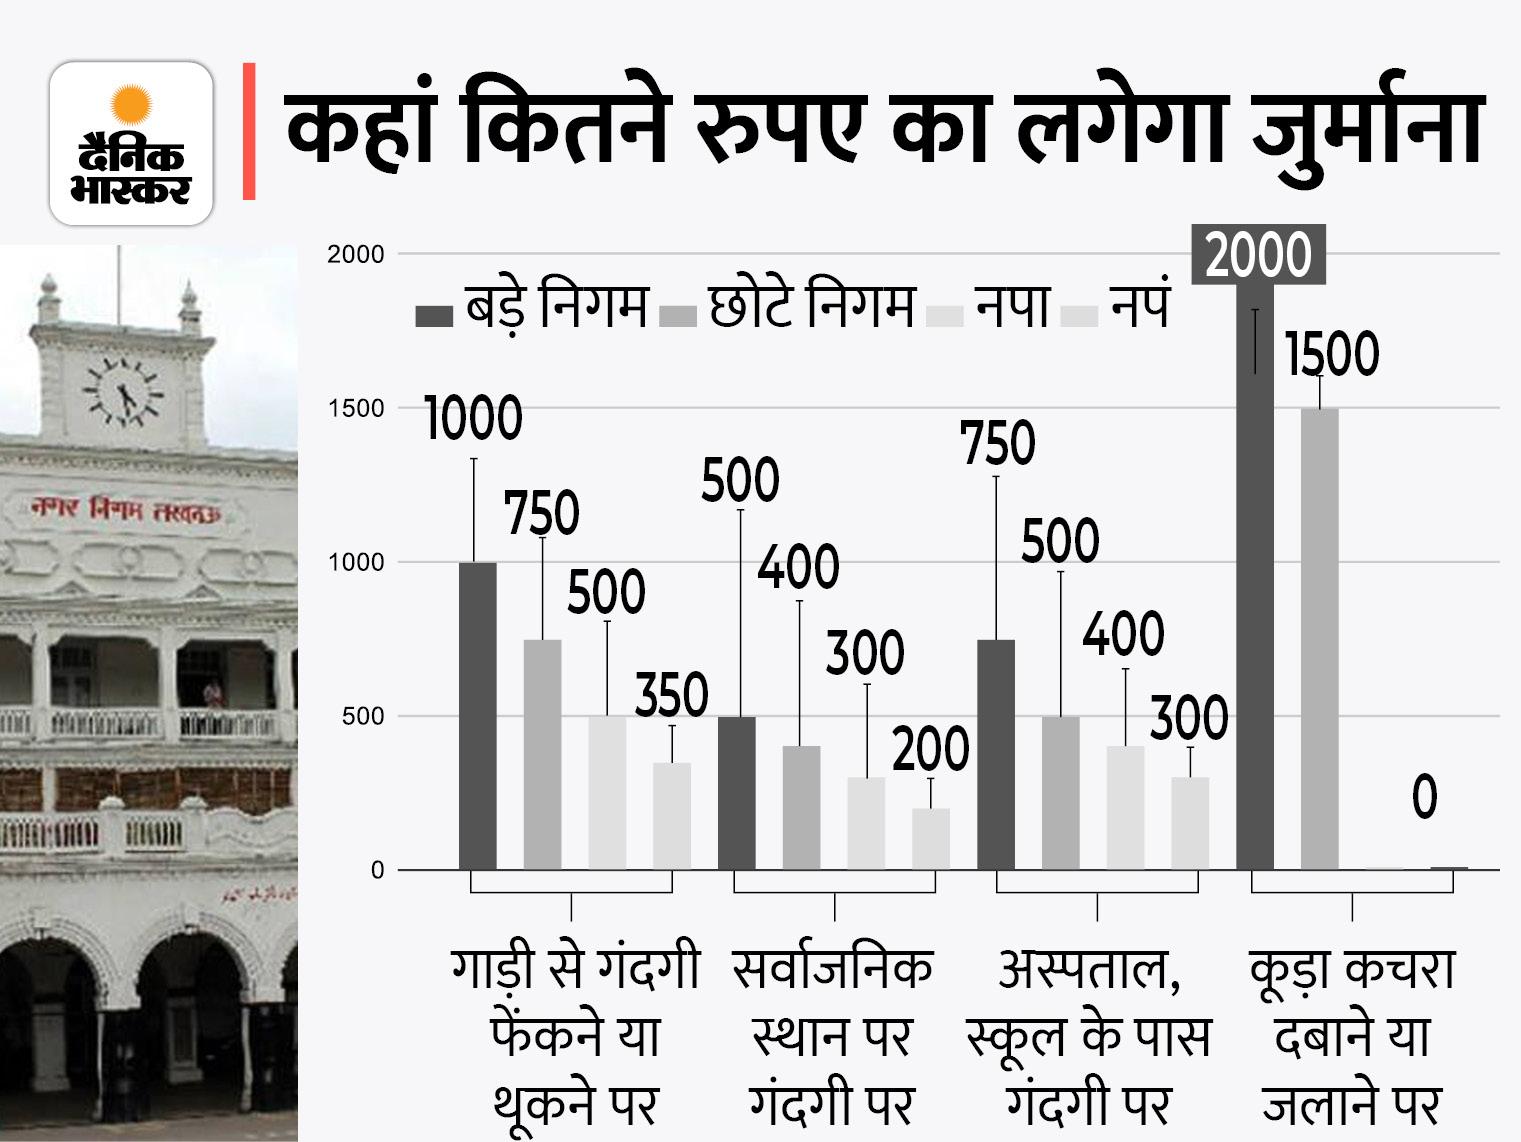 सड़क पर थूकने पर एक हजार, पालतू जानवरों को शौच कराने पर 500 का जुर्माना देना होगा; कैबिनेट ने पास किया नया कानून|लखनऊ,Lucknow - Dainik Bhaskar